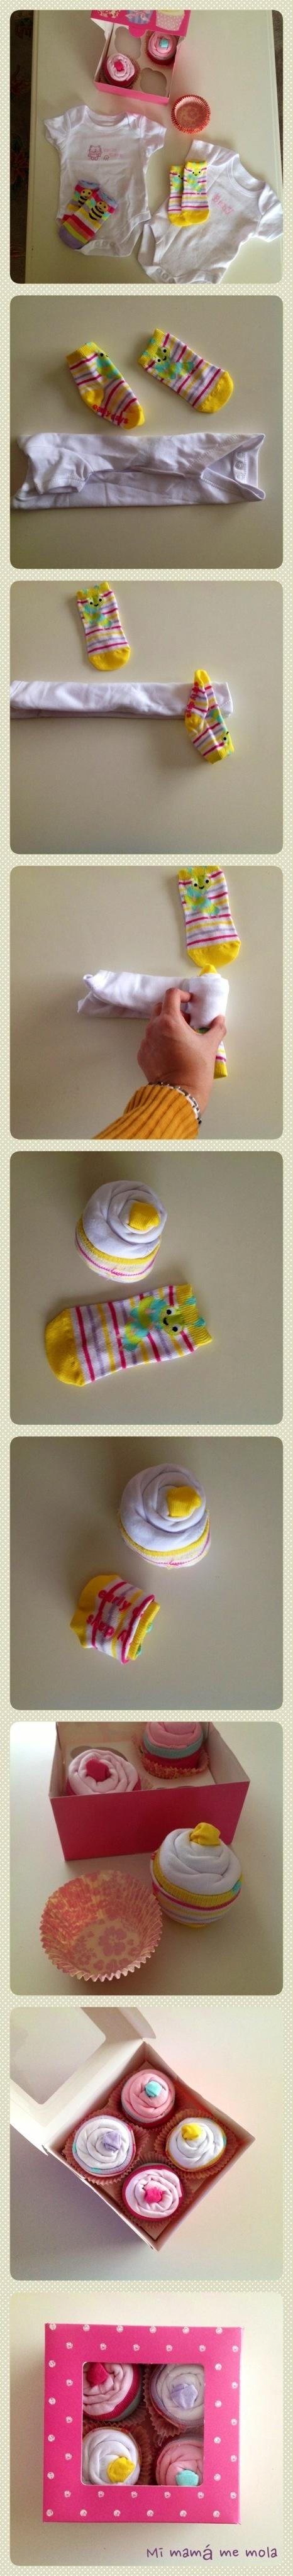 Cupcakes hechos con calcetines y bodies para bebés. Idea original para regalo de recién nacido. http://mimamamemola.wordpress.com